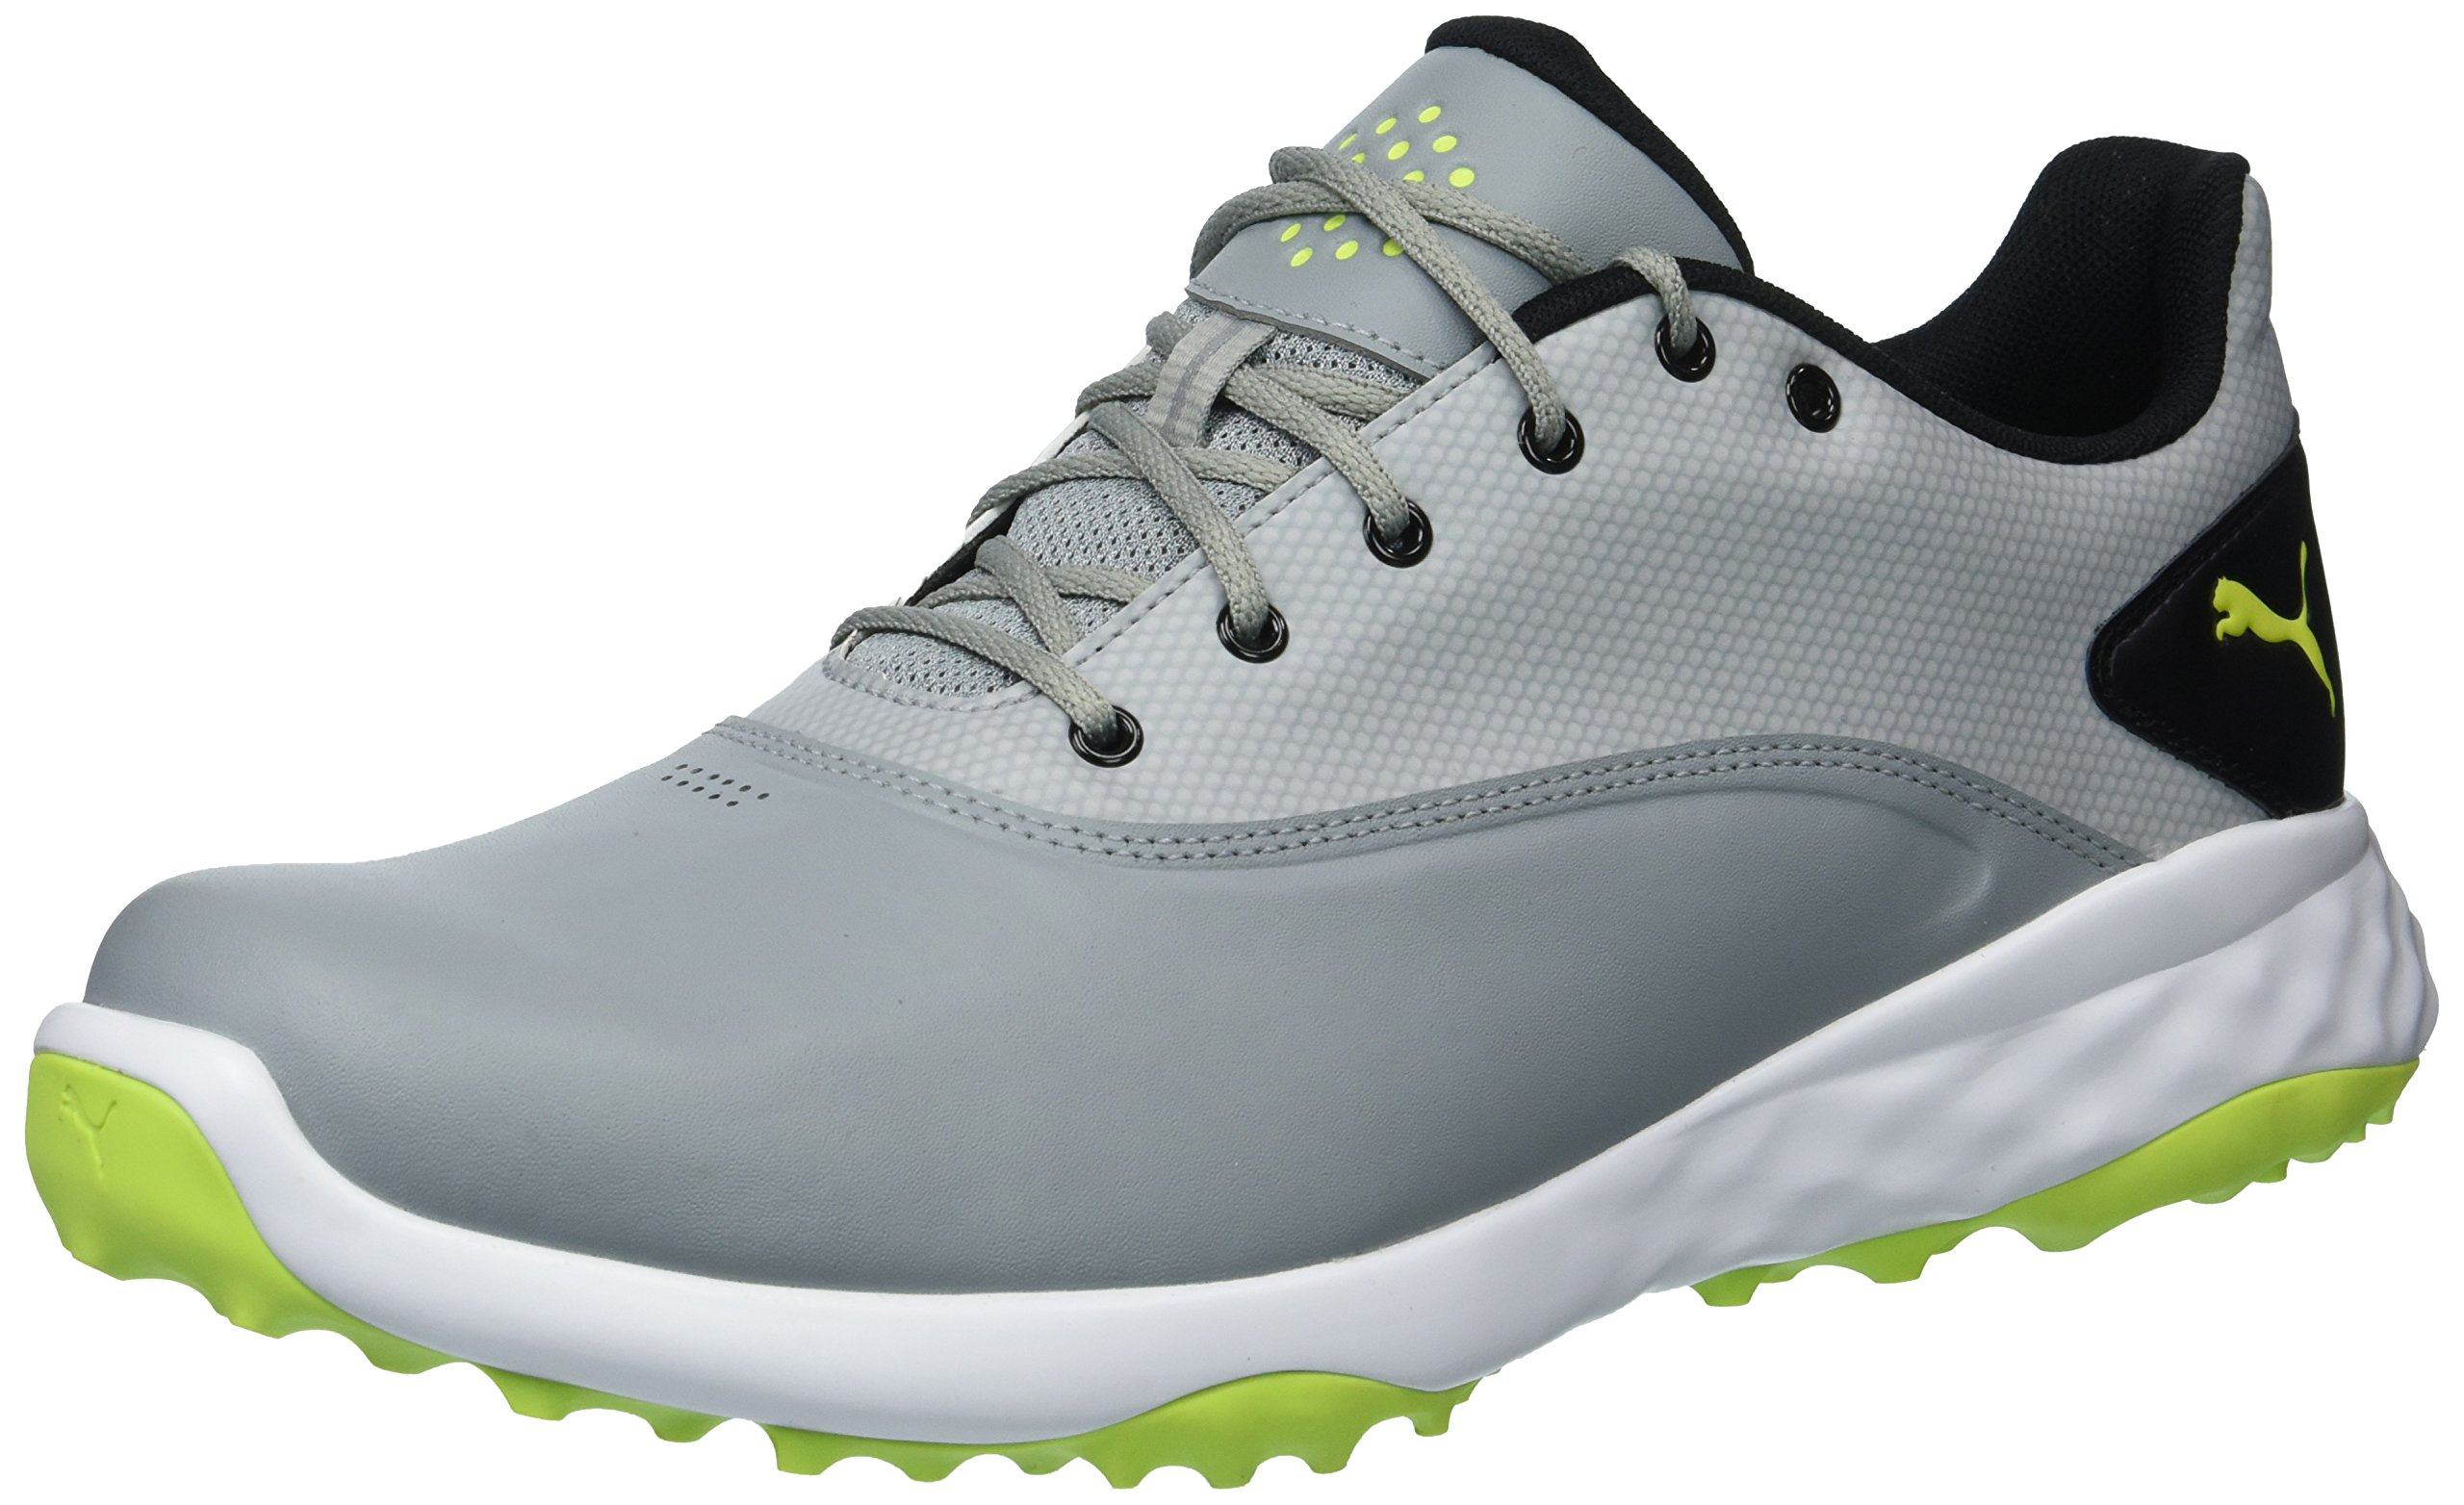 PUMA Golf Men's Grip Fusion Golf Shoe, Quarry/Acid Lime/Black, 11 Medium US by PUMA